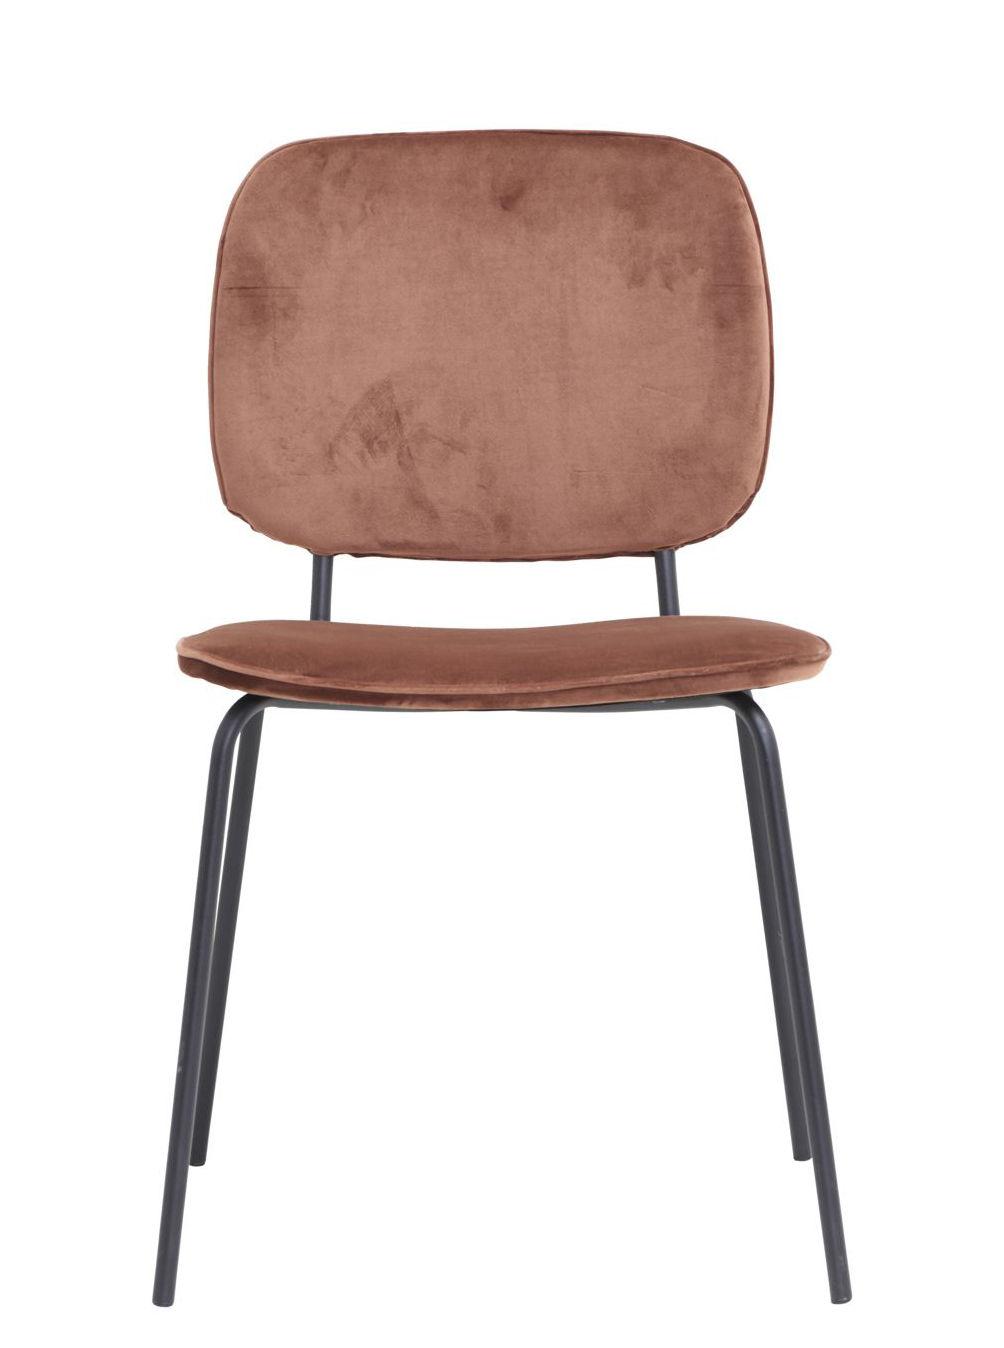 Mobilier - Chaises, fauteuils de salle à manger - Chaise rembourrée Comma / Velours - House Doctor - Brique - Acier, Mousse, Velours